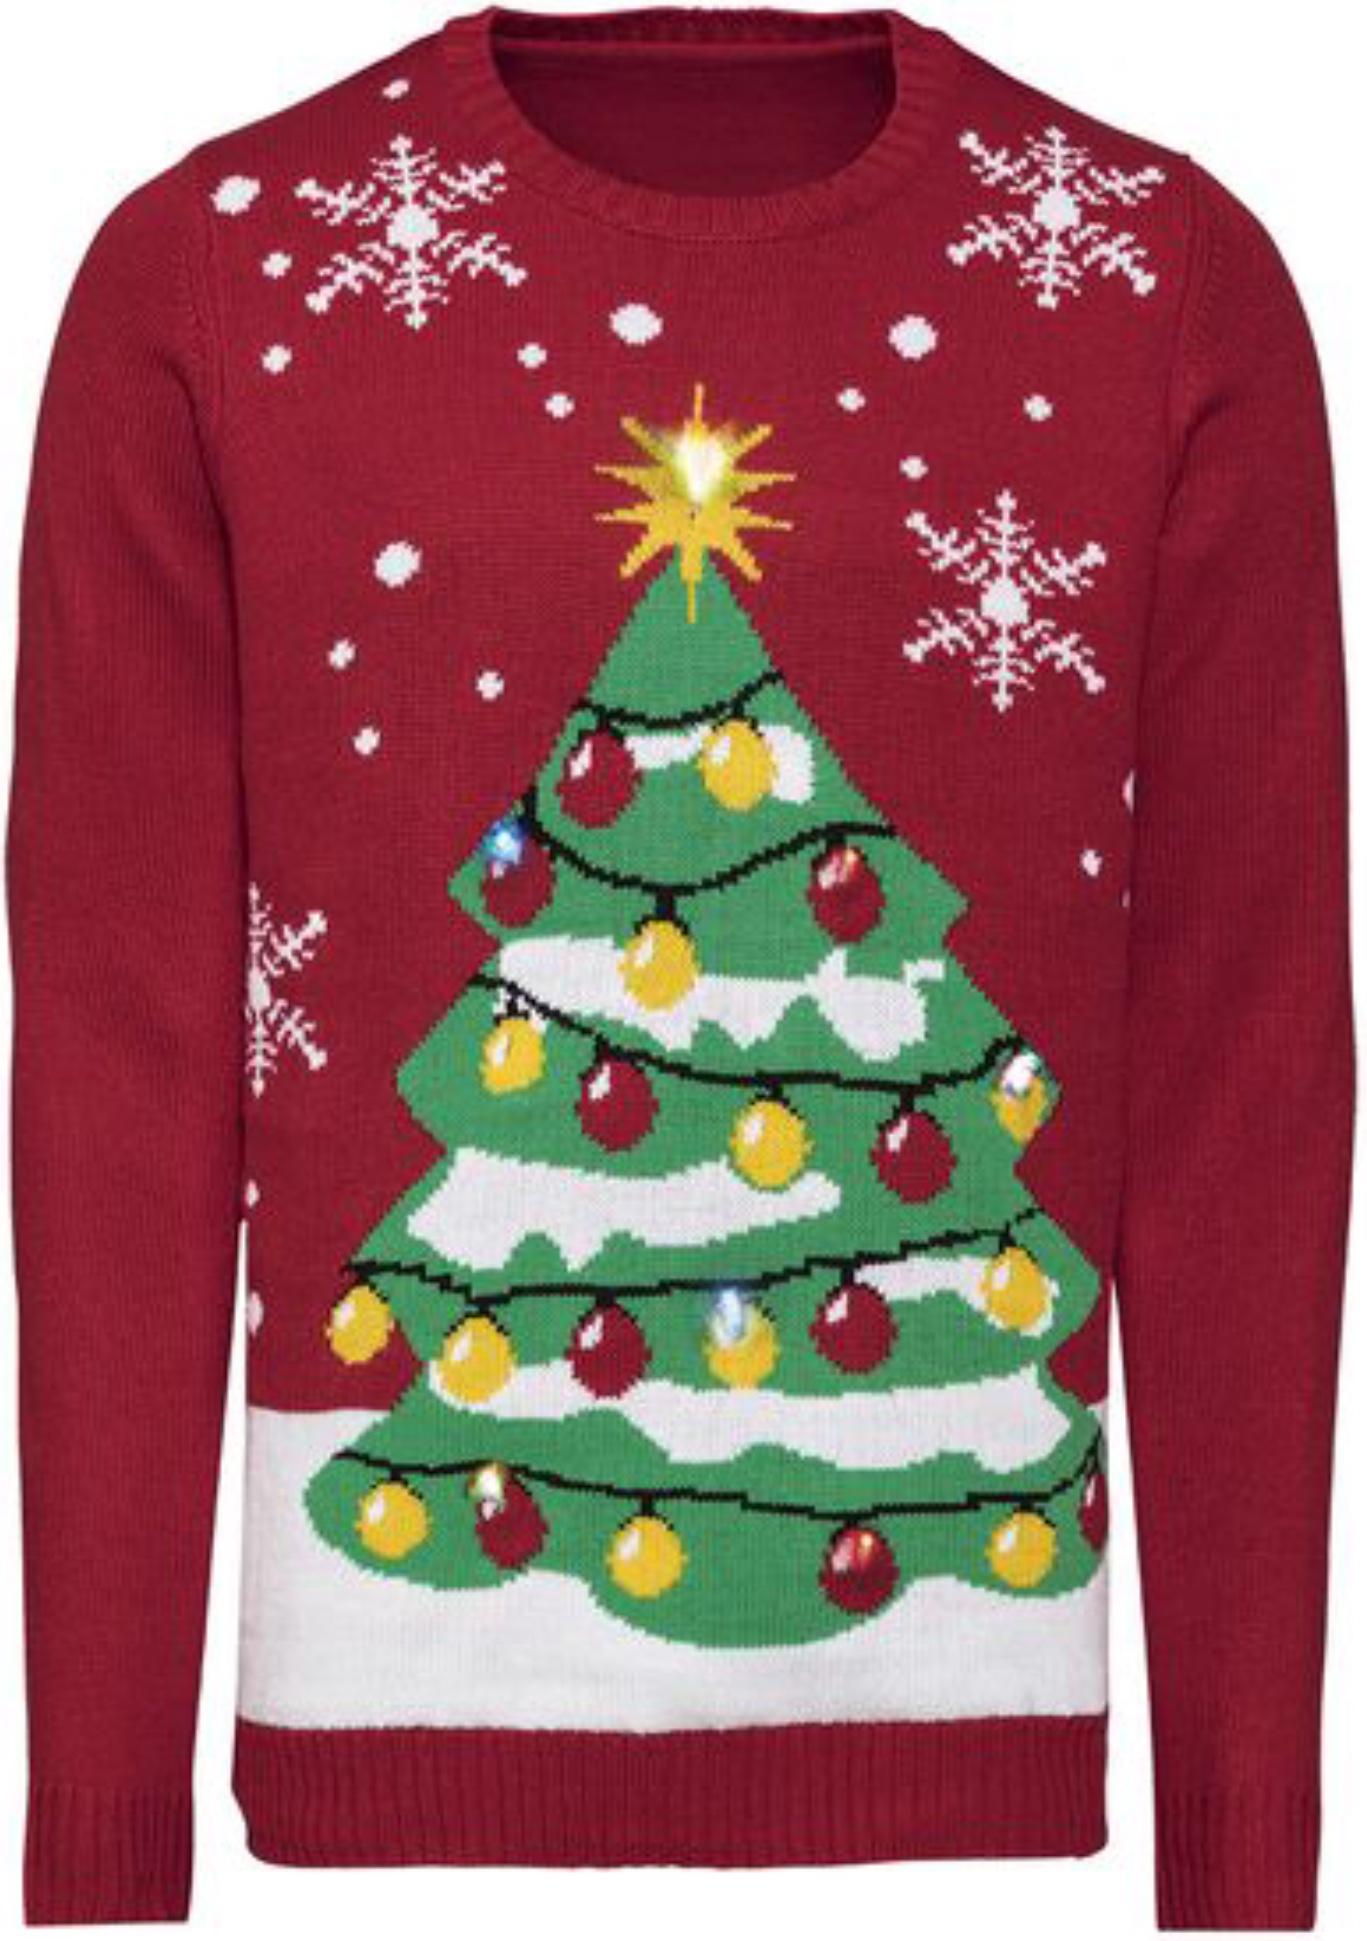 [Lidl] Blinkende Weihnachtspullover für nur € 9,99 ab Montag, 19.11.